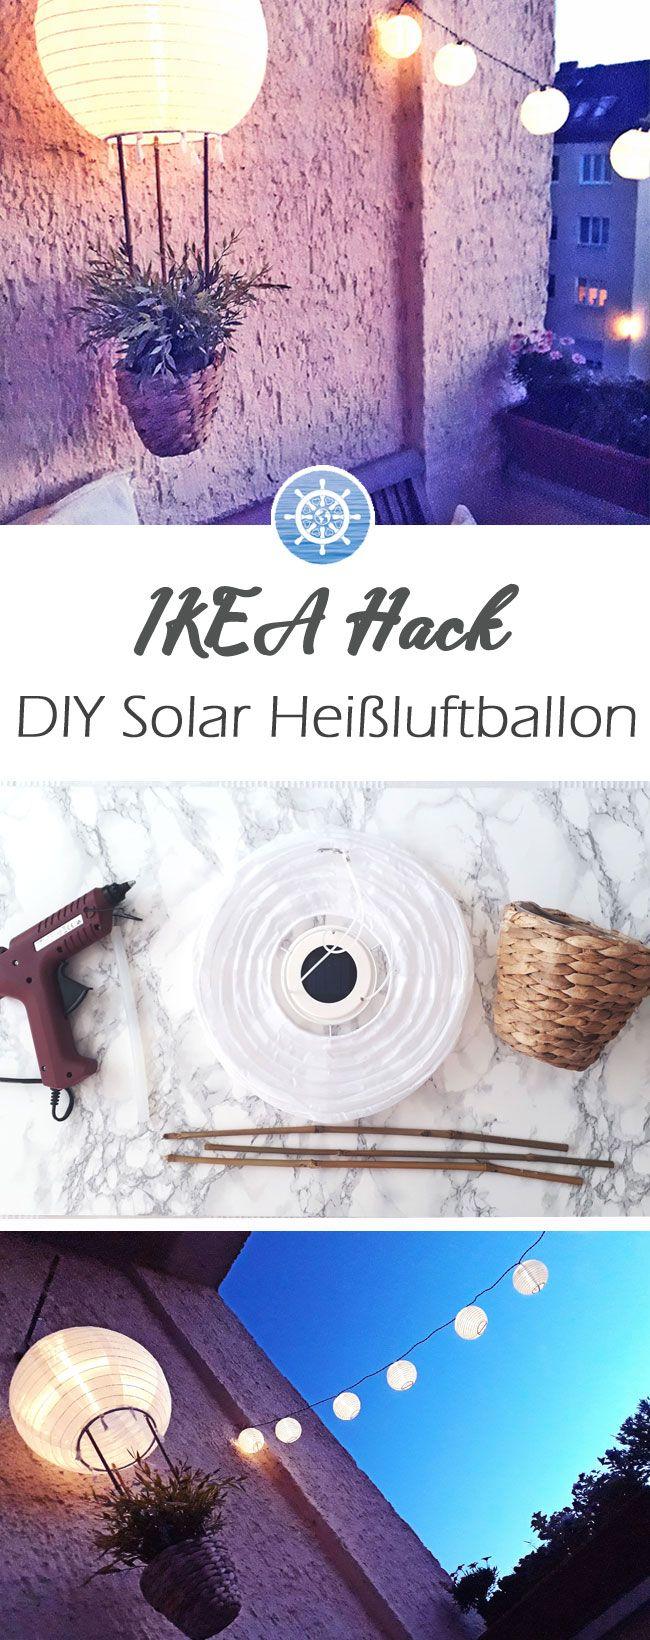 DIY Anleitung für einen schönen Solar DIY Heißluftballon, der deinen Balkon zum Strahlen bringt! -  Ikea Hack -  via aye-aye-diy.com #ikeahacks